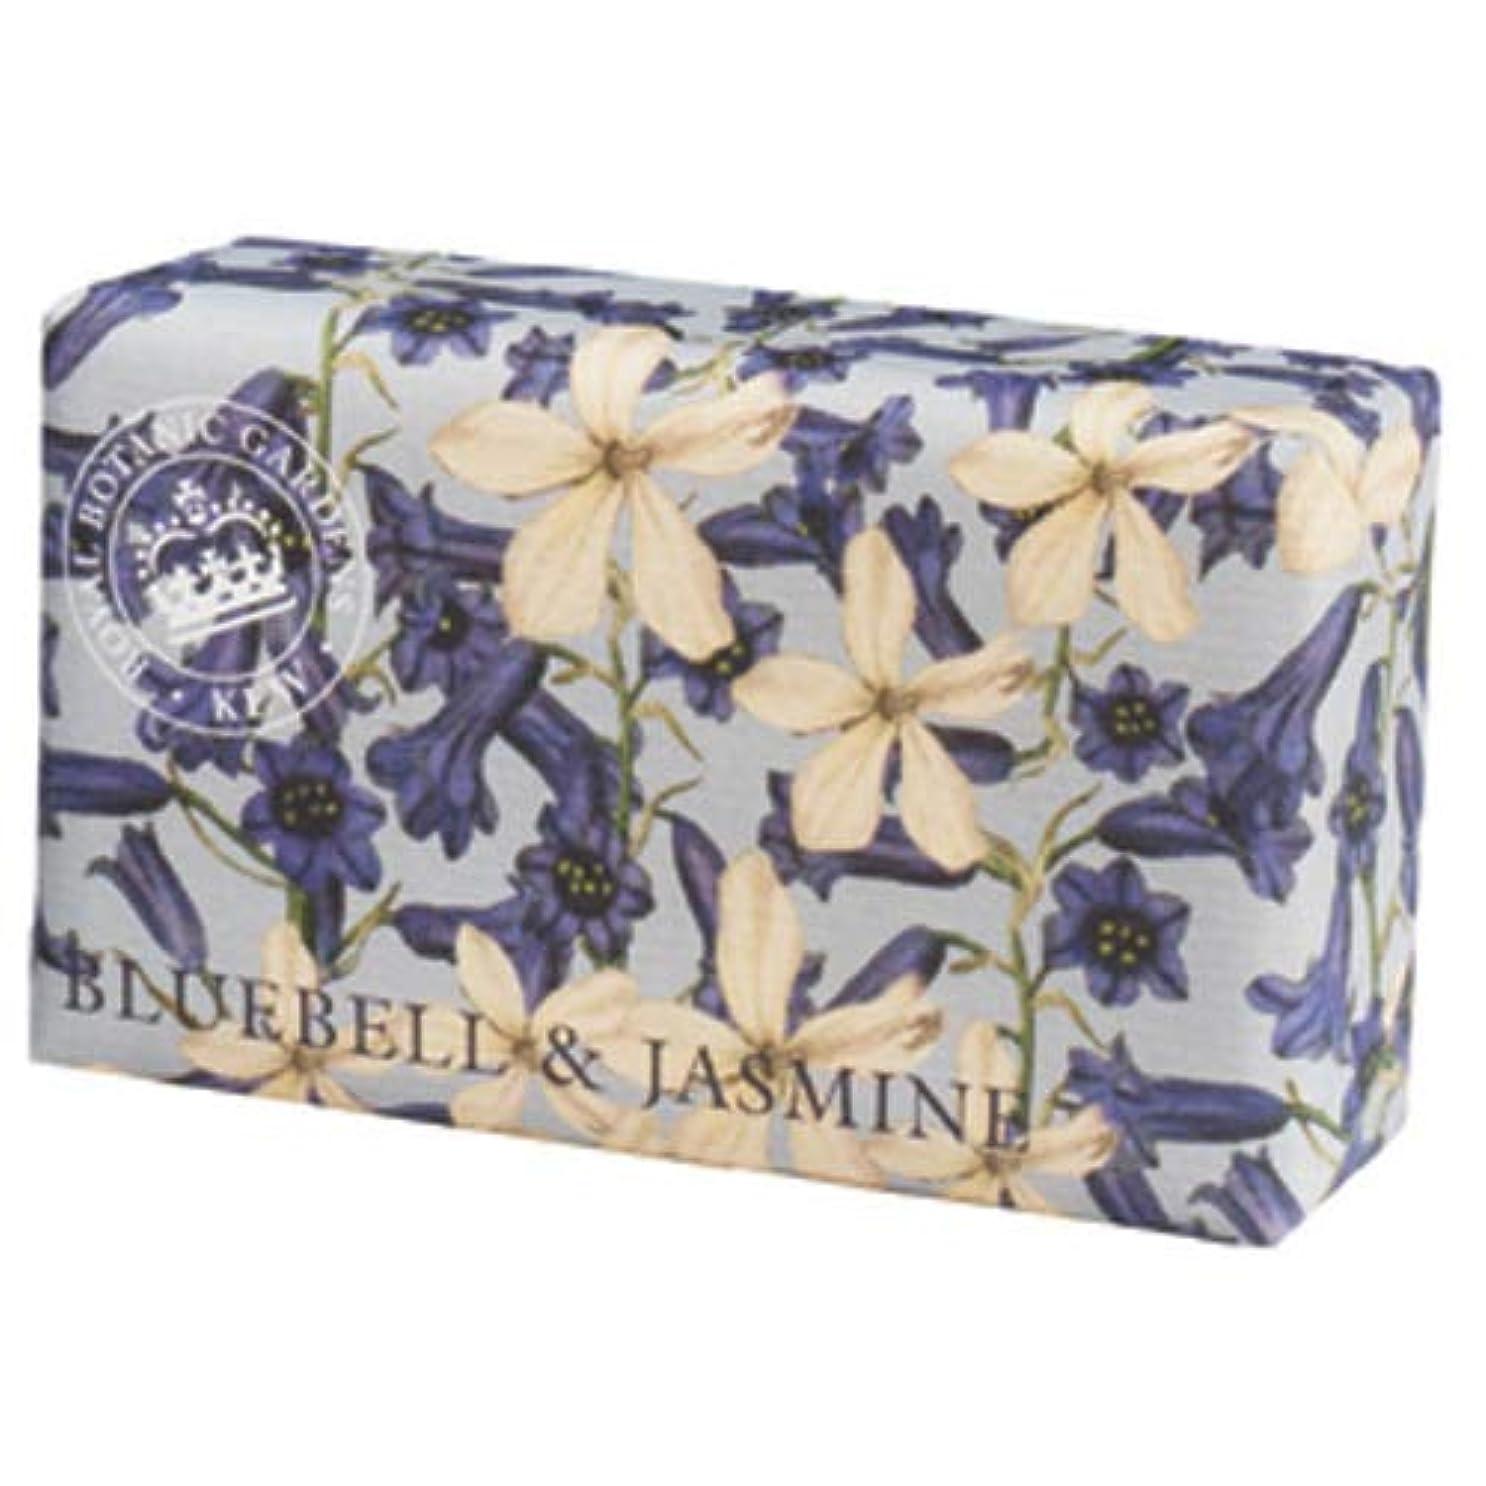 魂比較的葉三和トレーディング English Soap Company イングリッシュソープカンパニー KEW GARDEN キュー・ガーデン Luxury Shea Soaps シアソープ Bluebell & Jasmine ブルーベル&ジャスミン